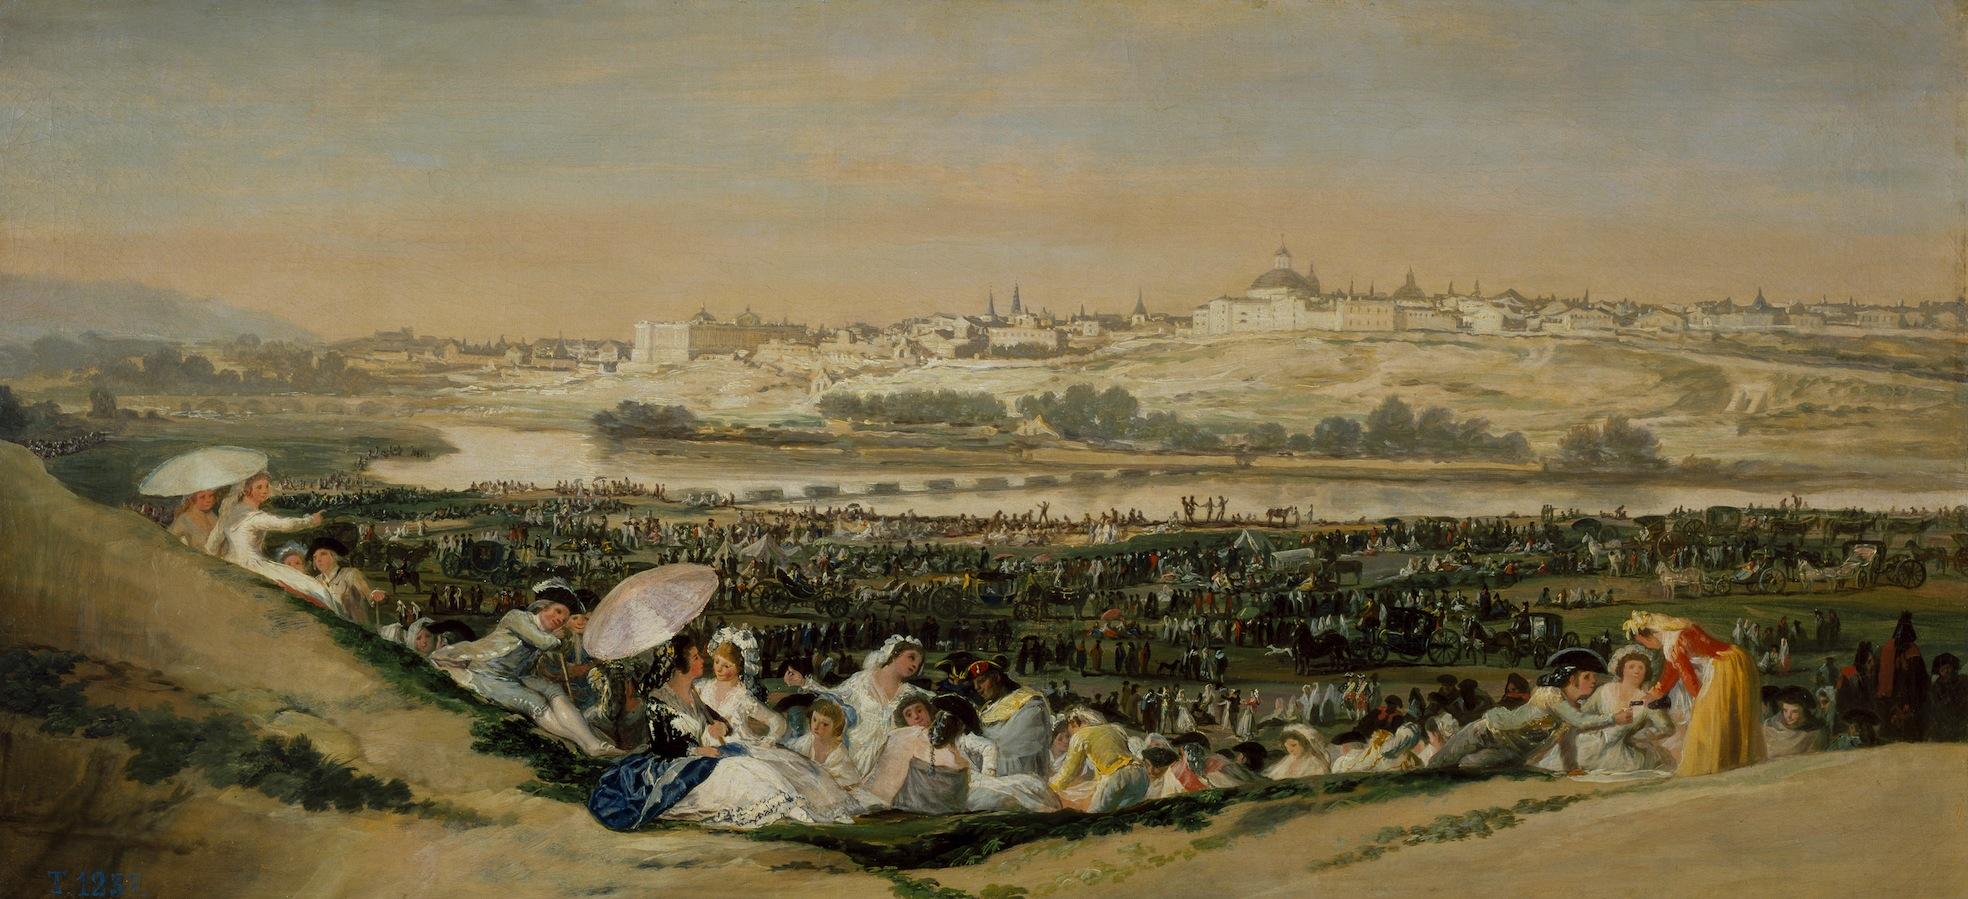 La_pradera_de_San_Isidro_de_Goya